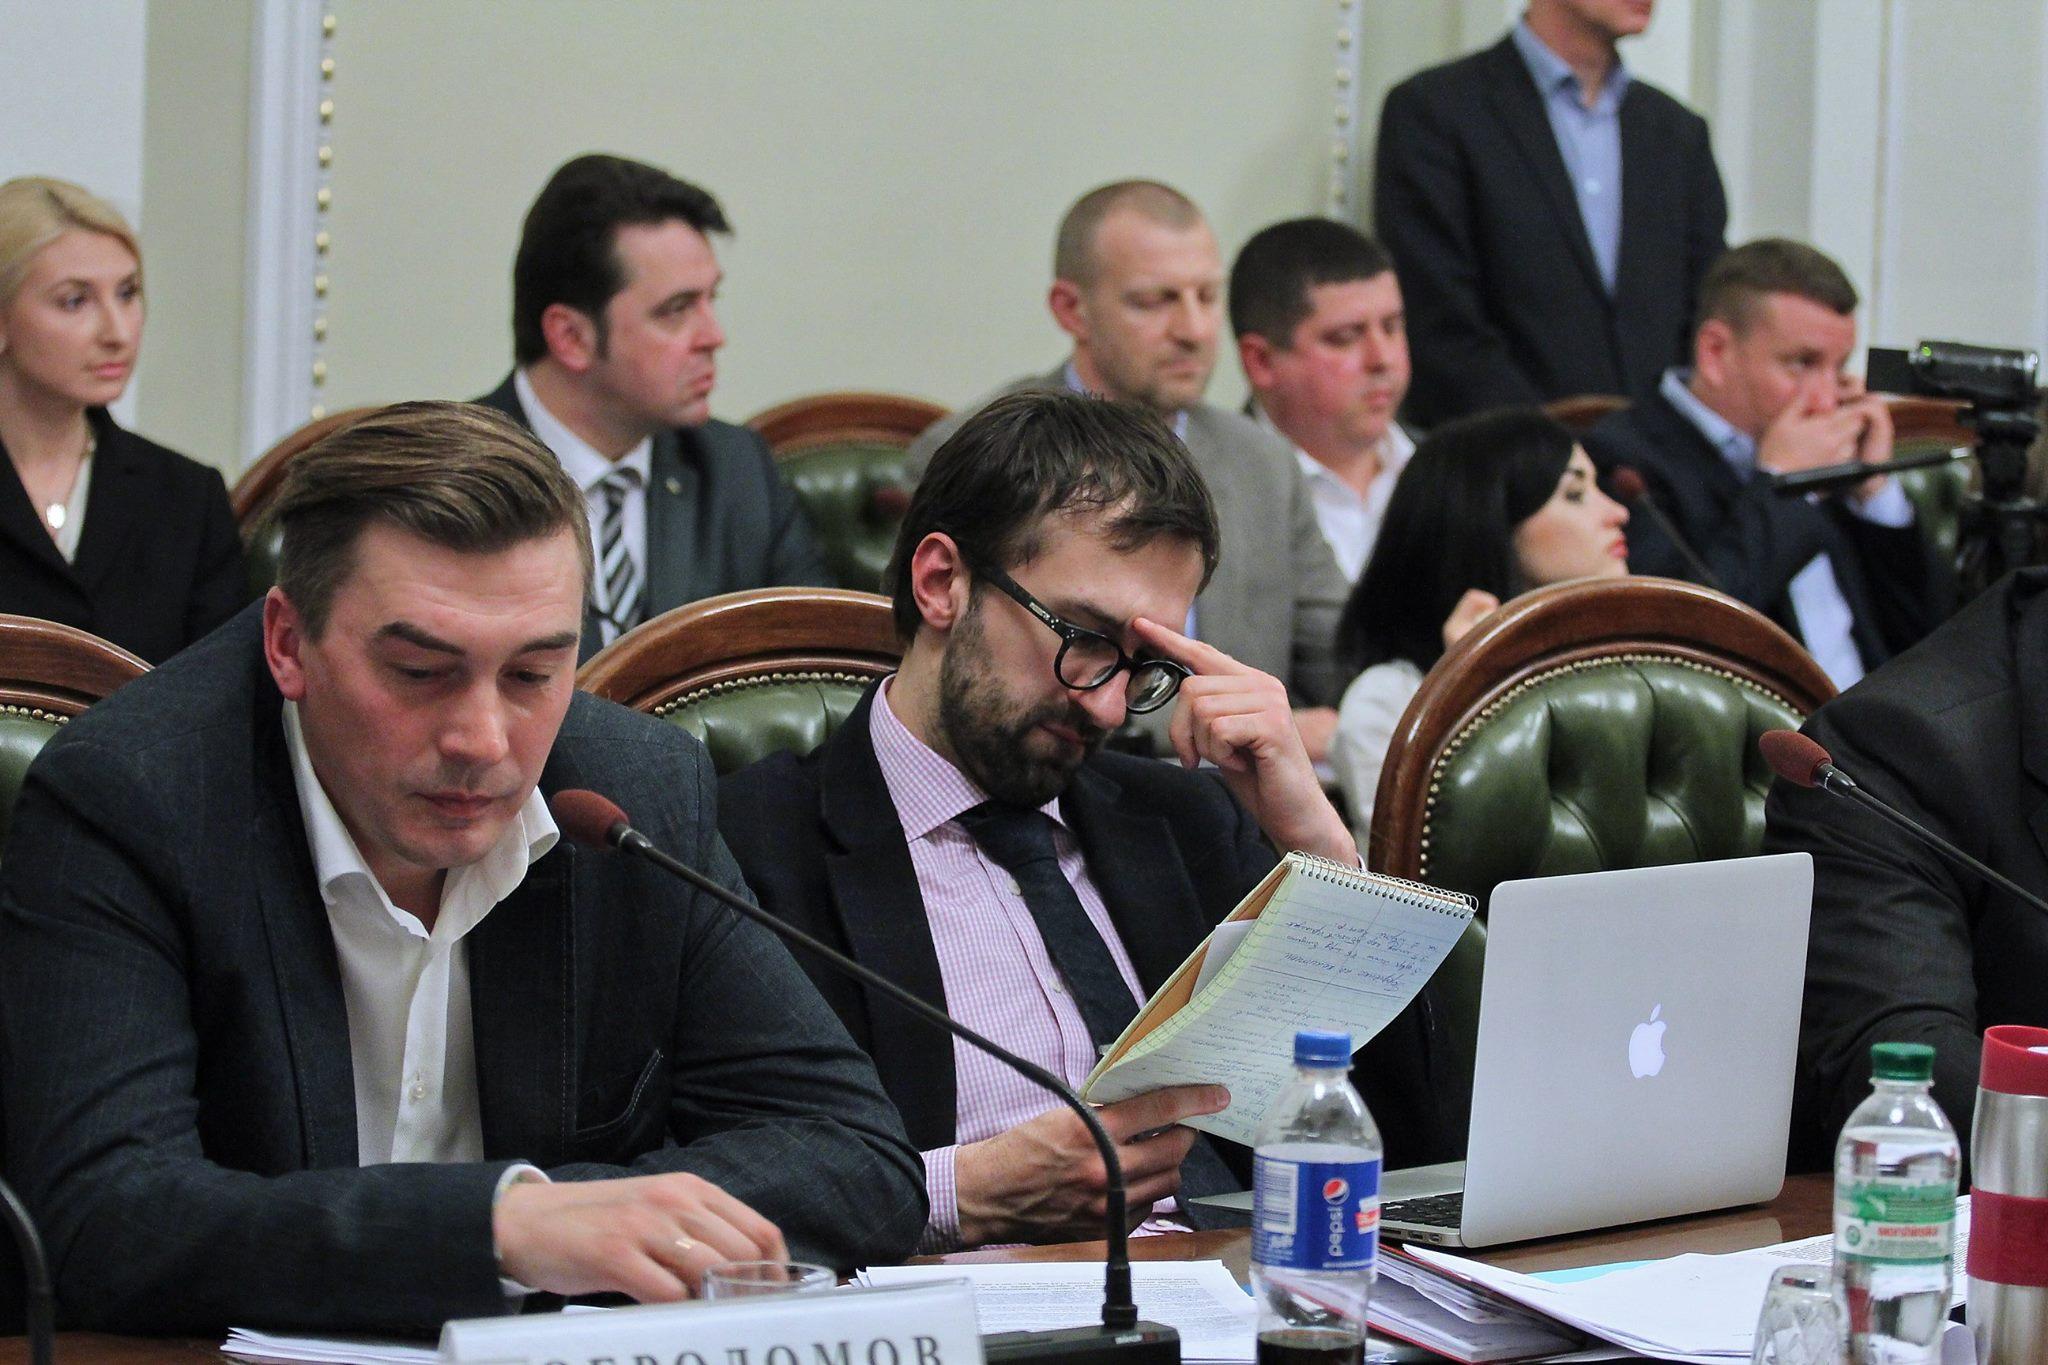 Sergii Leschtschenko Ukraine